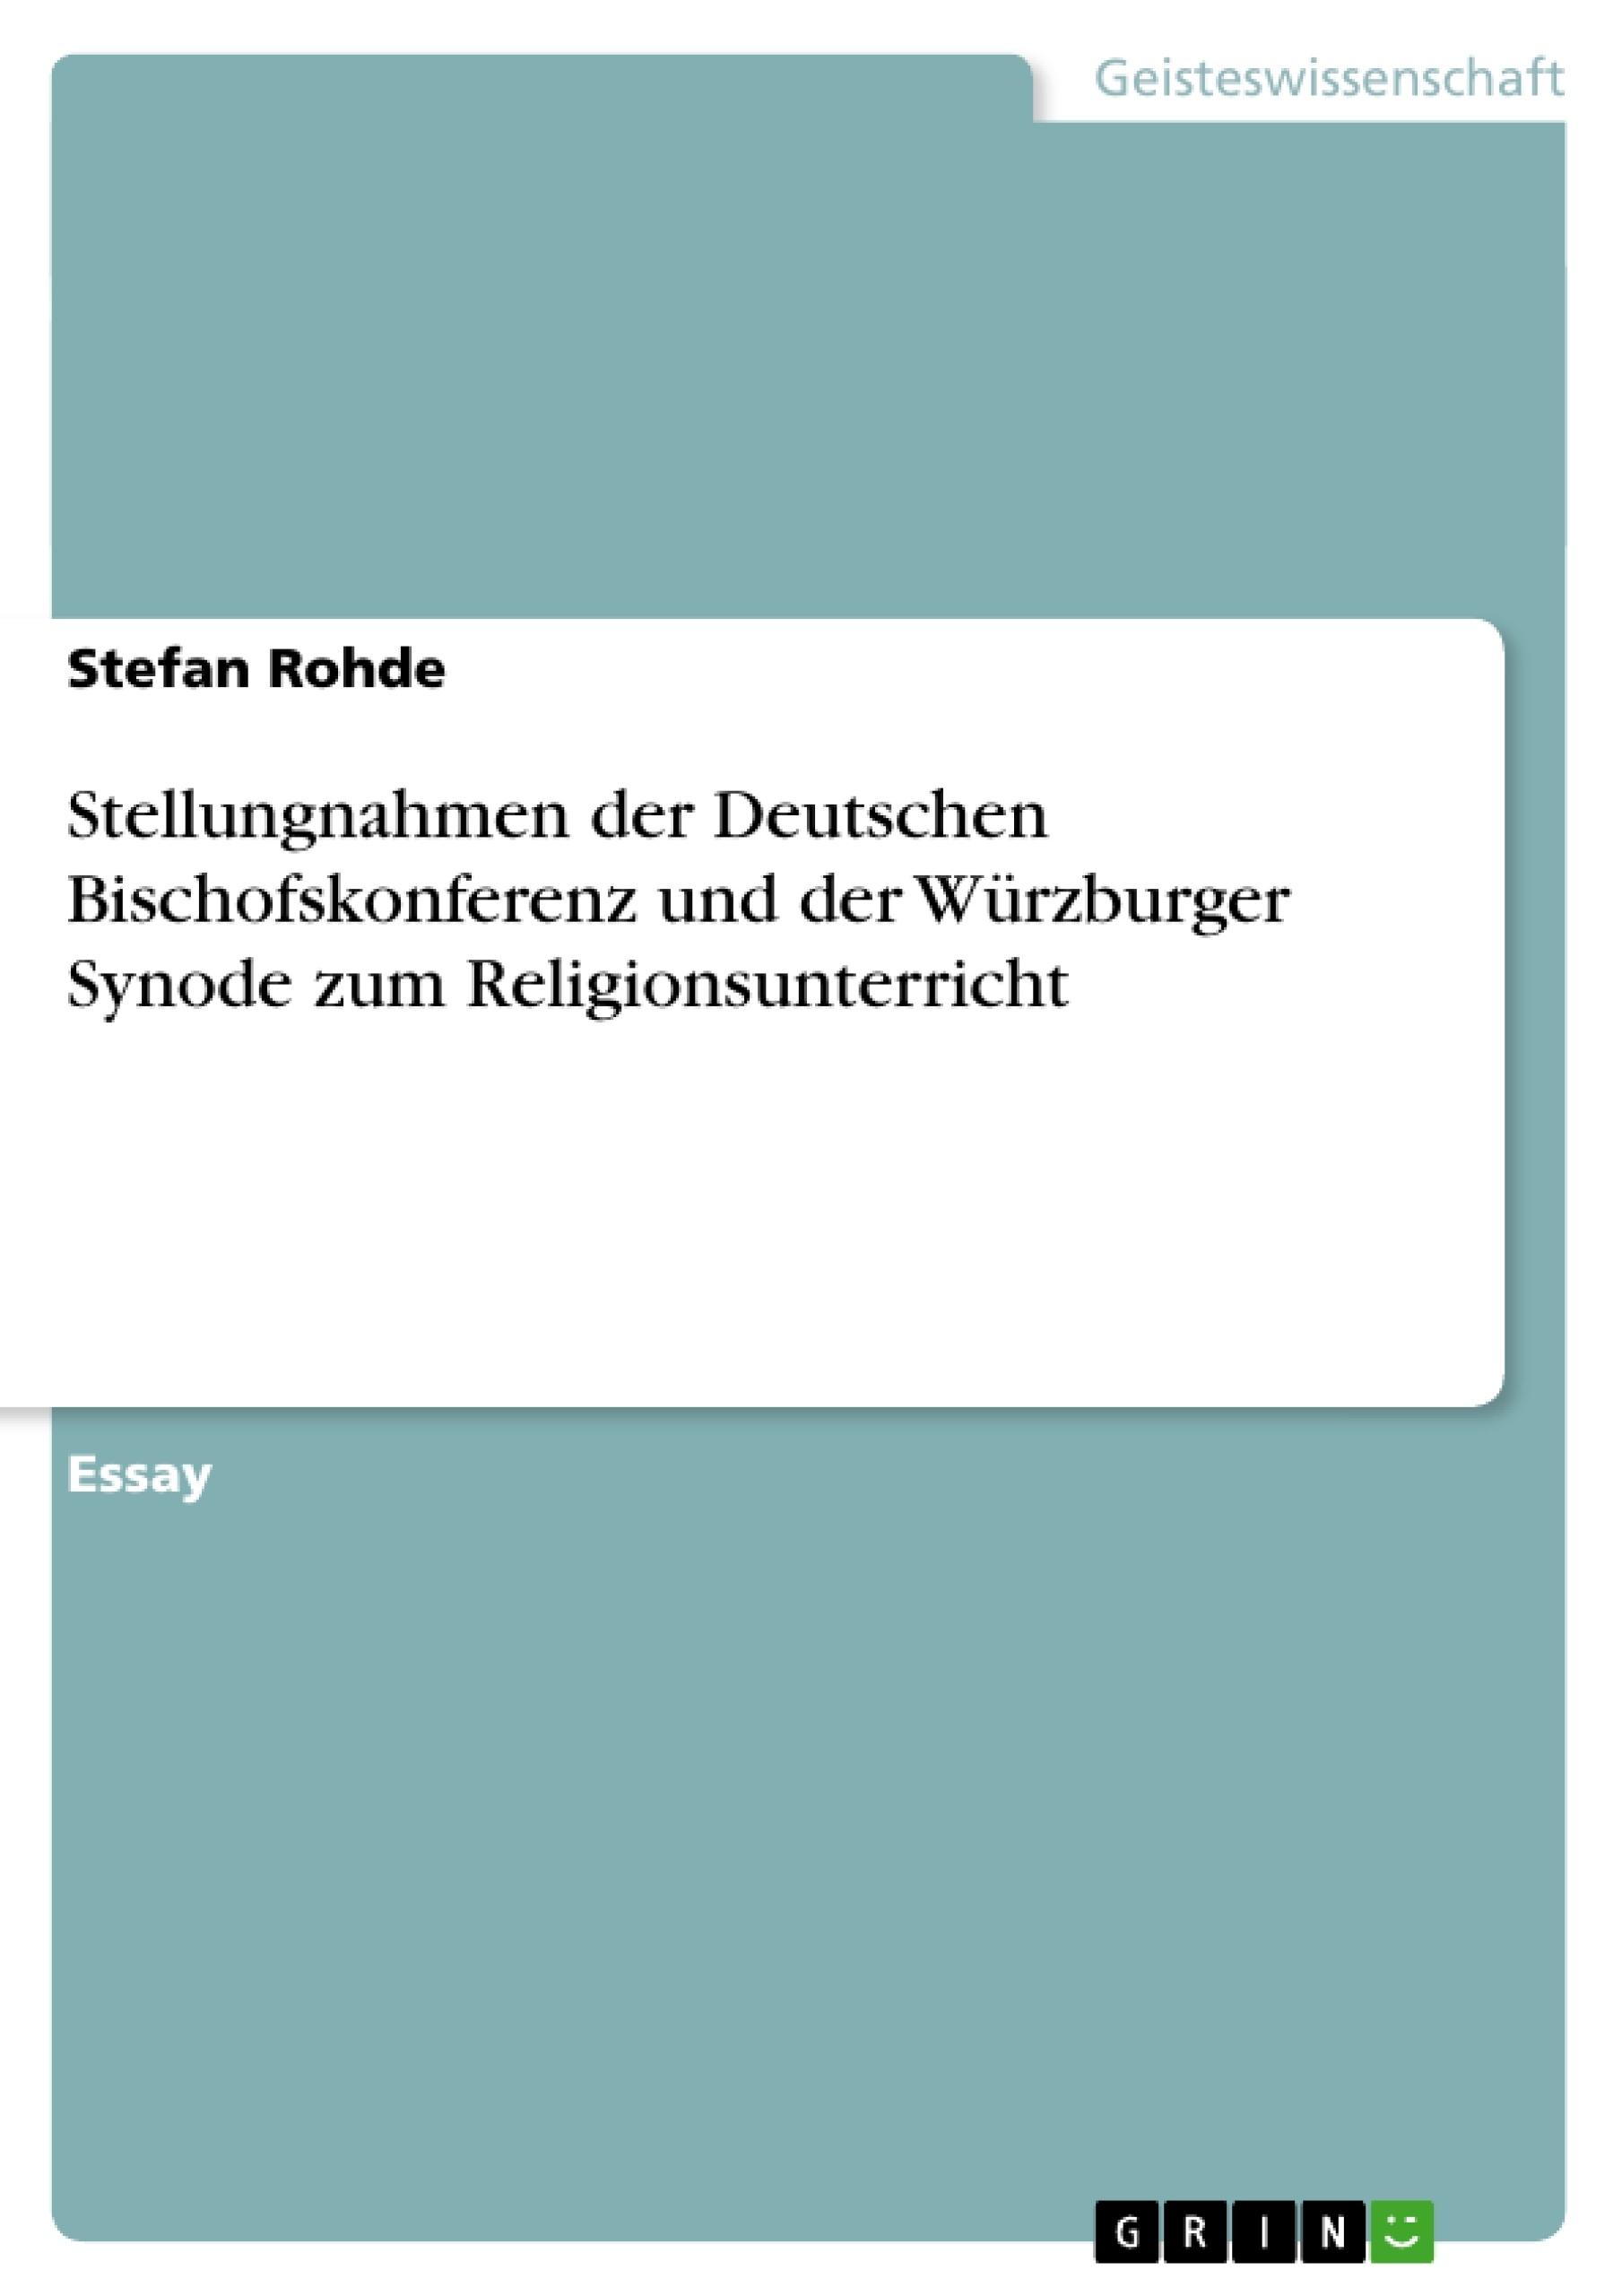 Titel: Stellungnahmen der Deutschen Bischofskonferenz und der Würzburger Synode zum Religionsunterricht